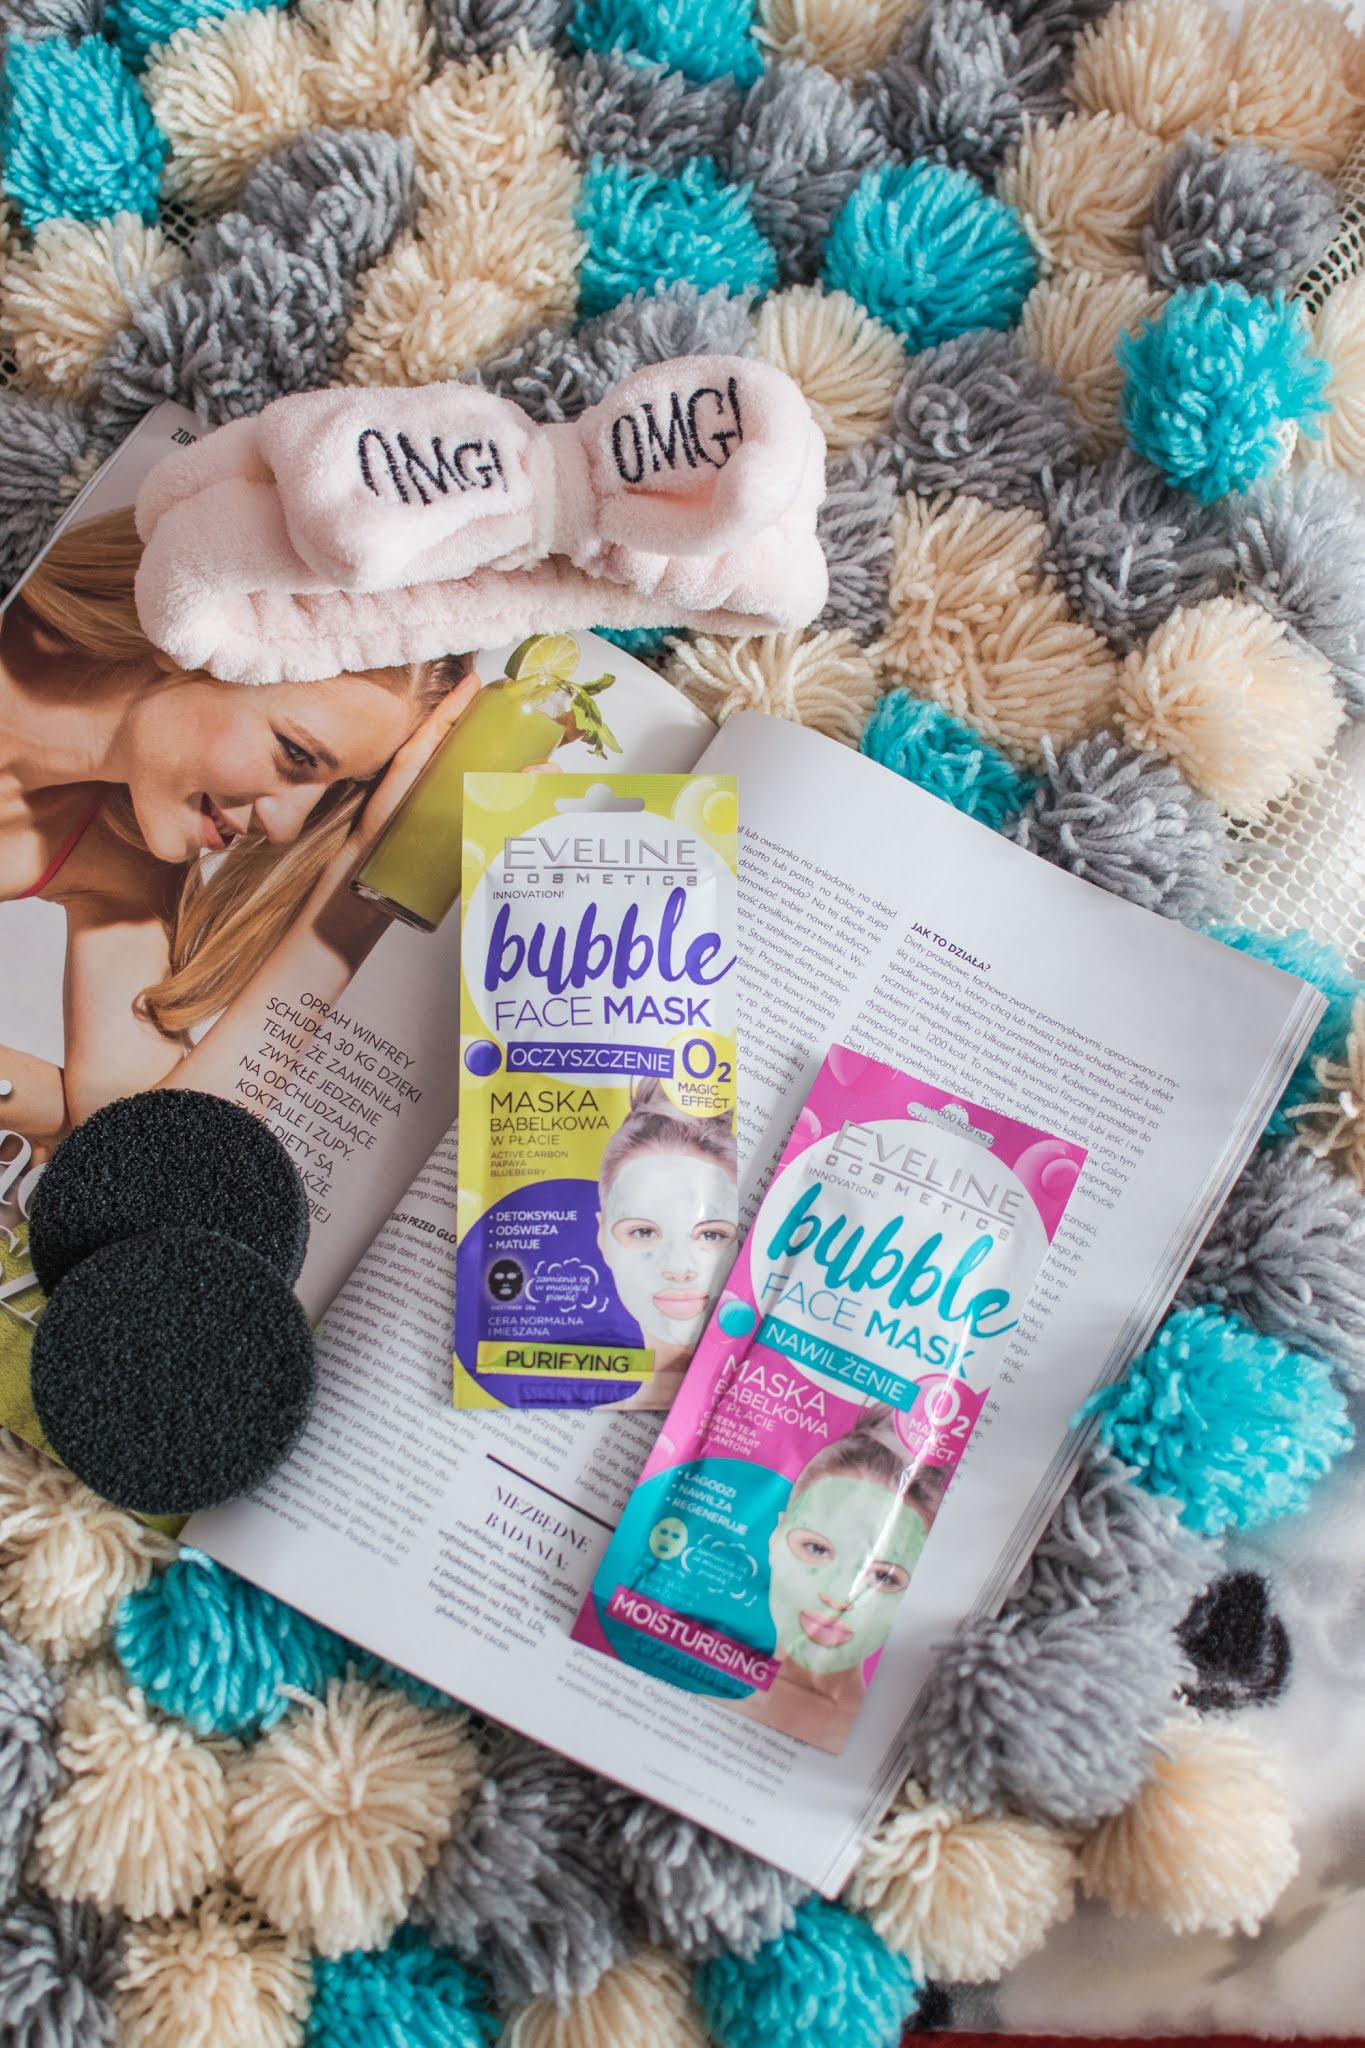 Eveline, Bubble Face Mask | Oczyszczająca i nawilżająca bąbelkująca maska w płacie